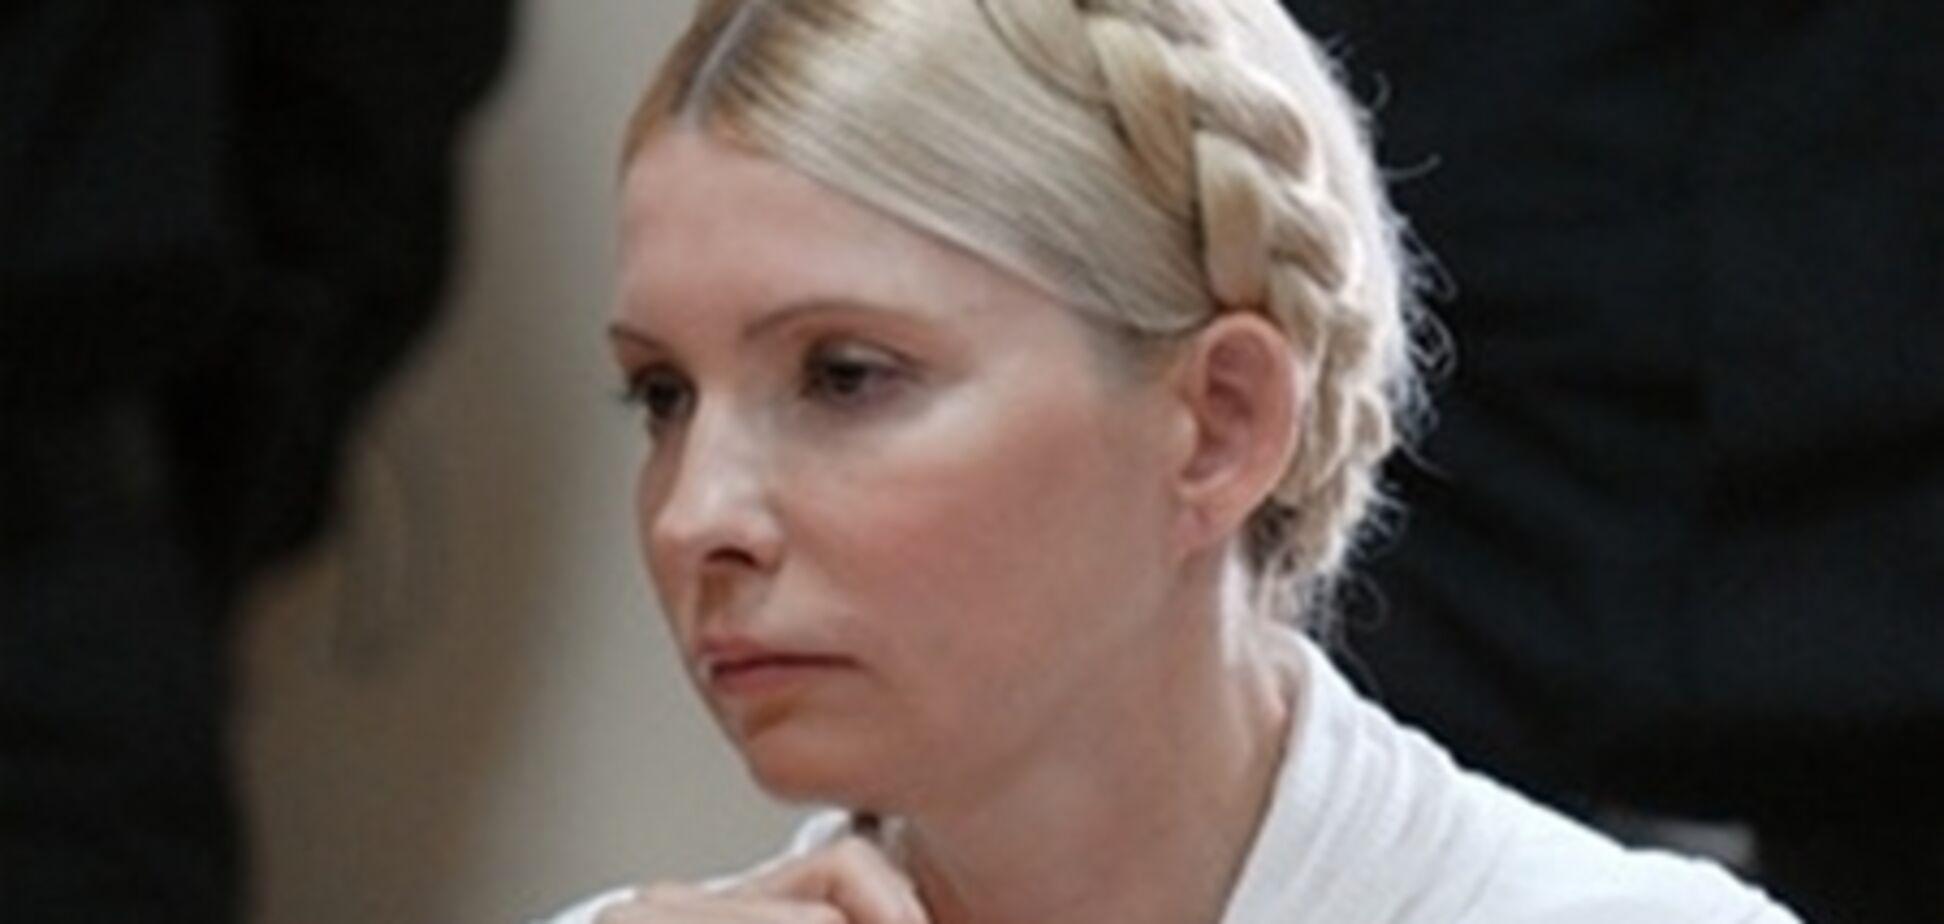 Головний тюремник: у Тимошенко впав тиск після 30 хвилин у душі